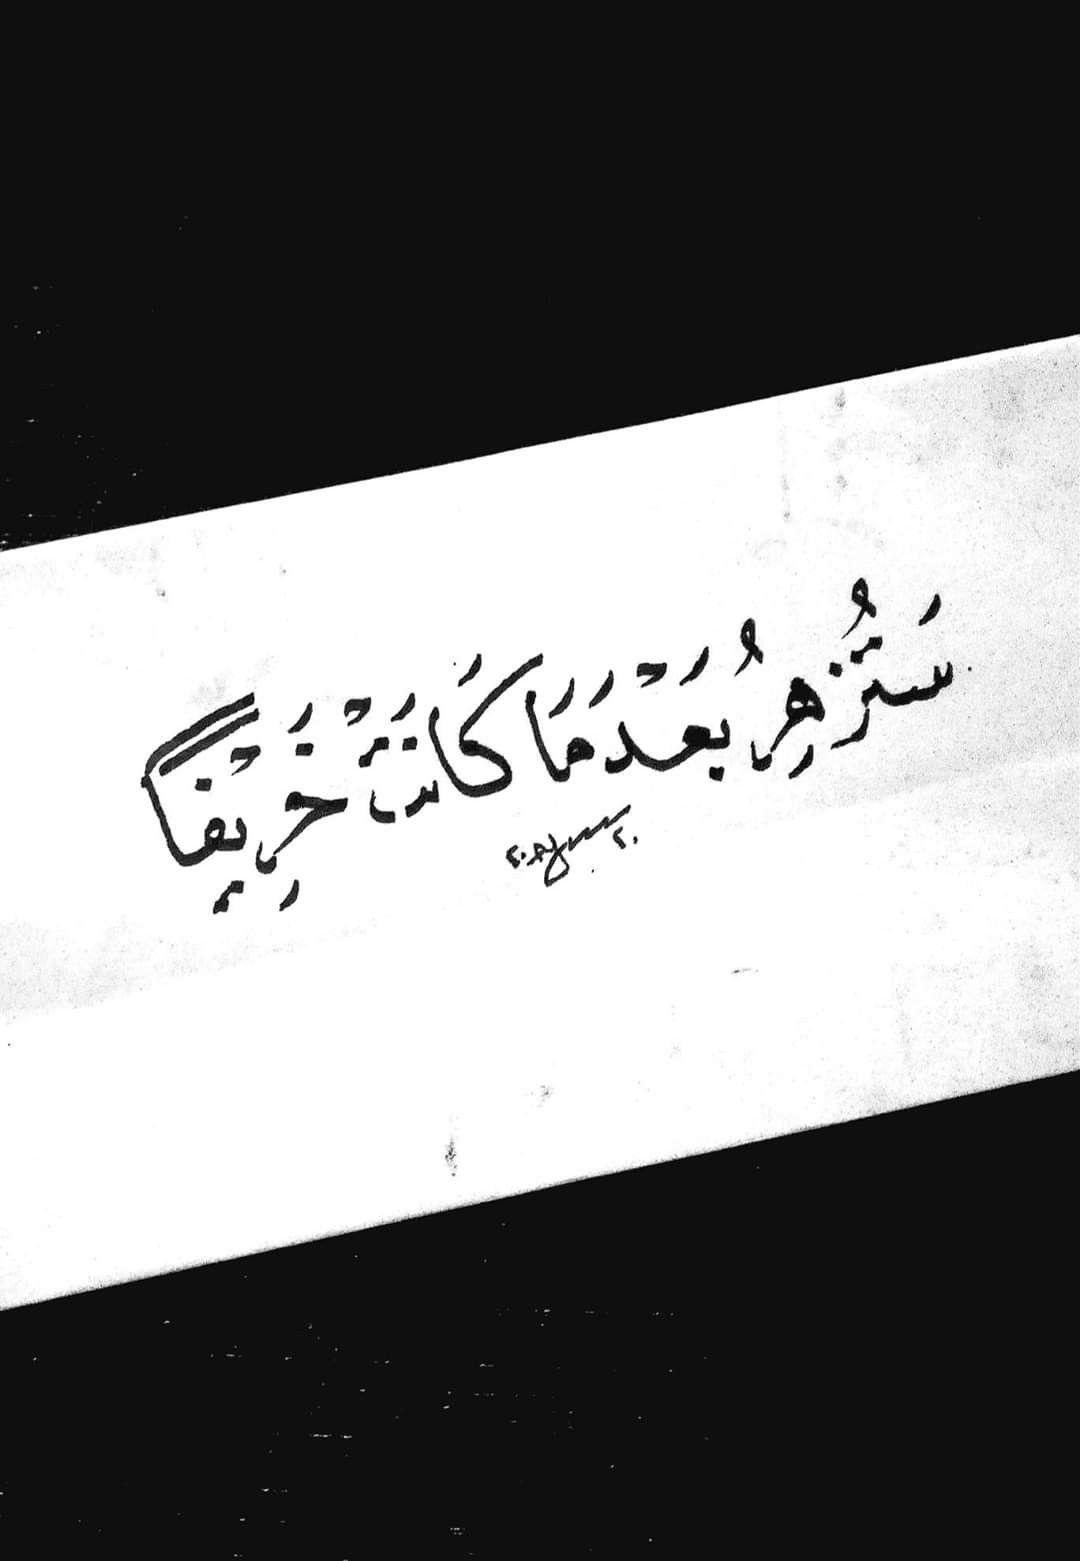 ستزهر بعدما كانت خريفا بإذن الله أينما انبتك الله ازهر وظني فيك يا ربي جميل املي فيك يا ربي كبير Arabic Calligraphy Calligraphy Handwriting